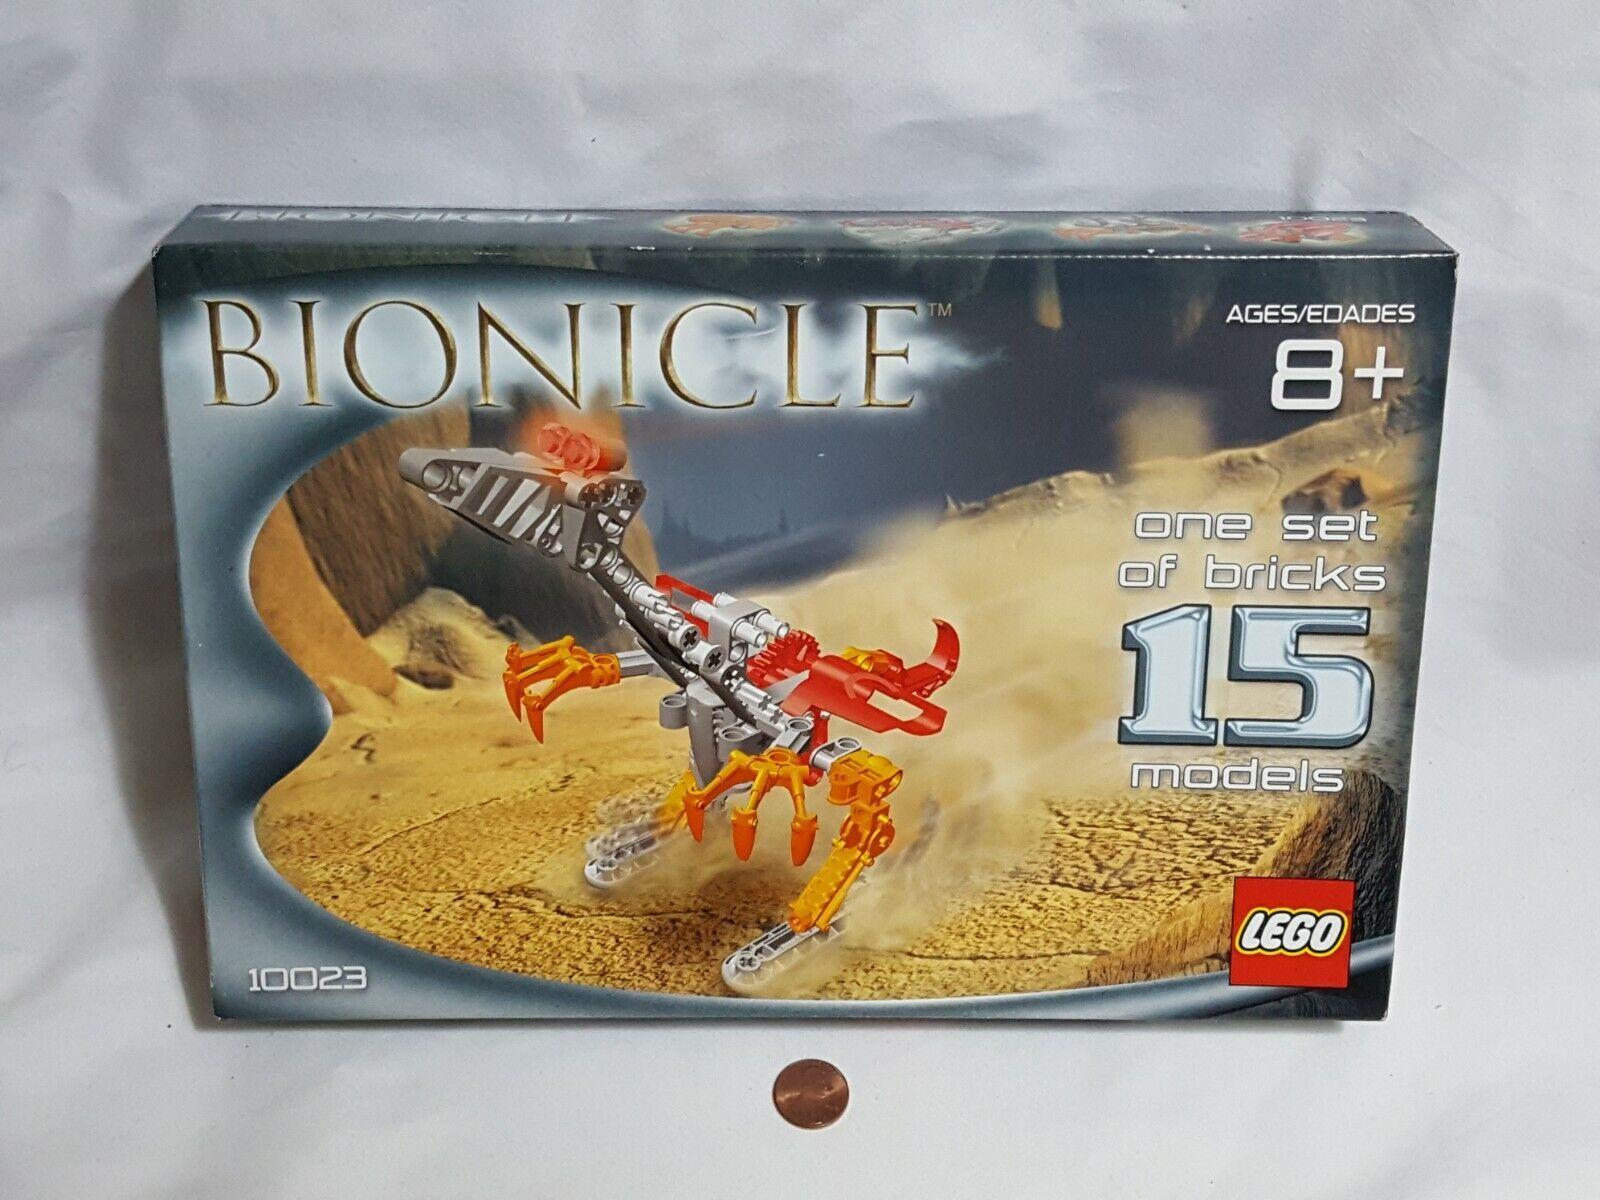 nuovo Read Lego Bionicle Set 10023 SEALED 1 Set 15 modellolos legos bionacle giocattoli